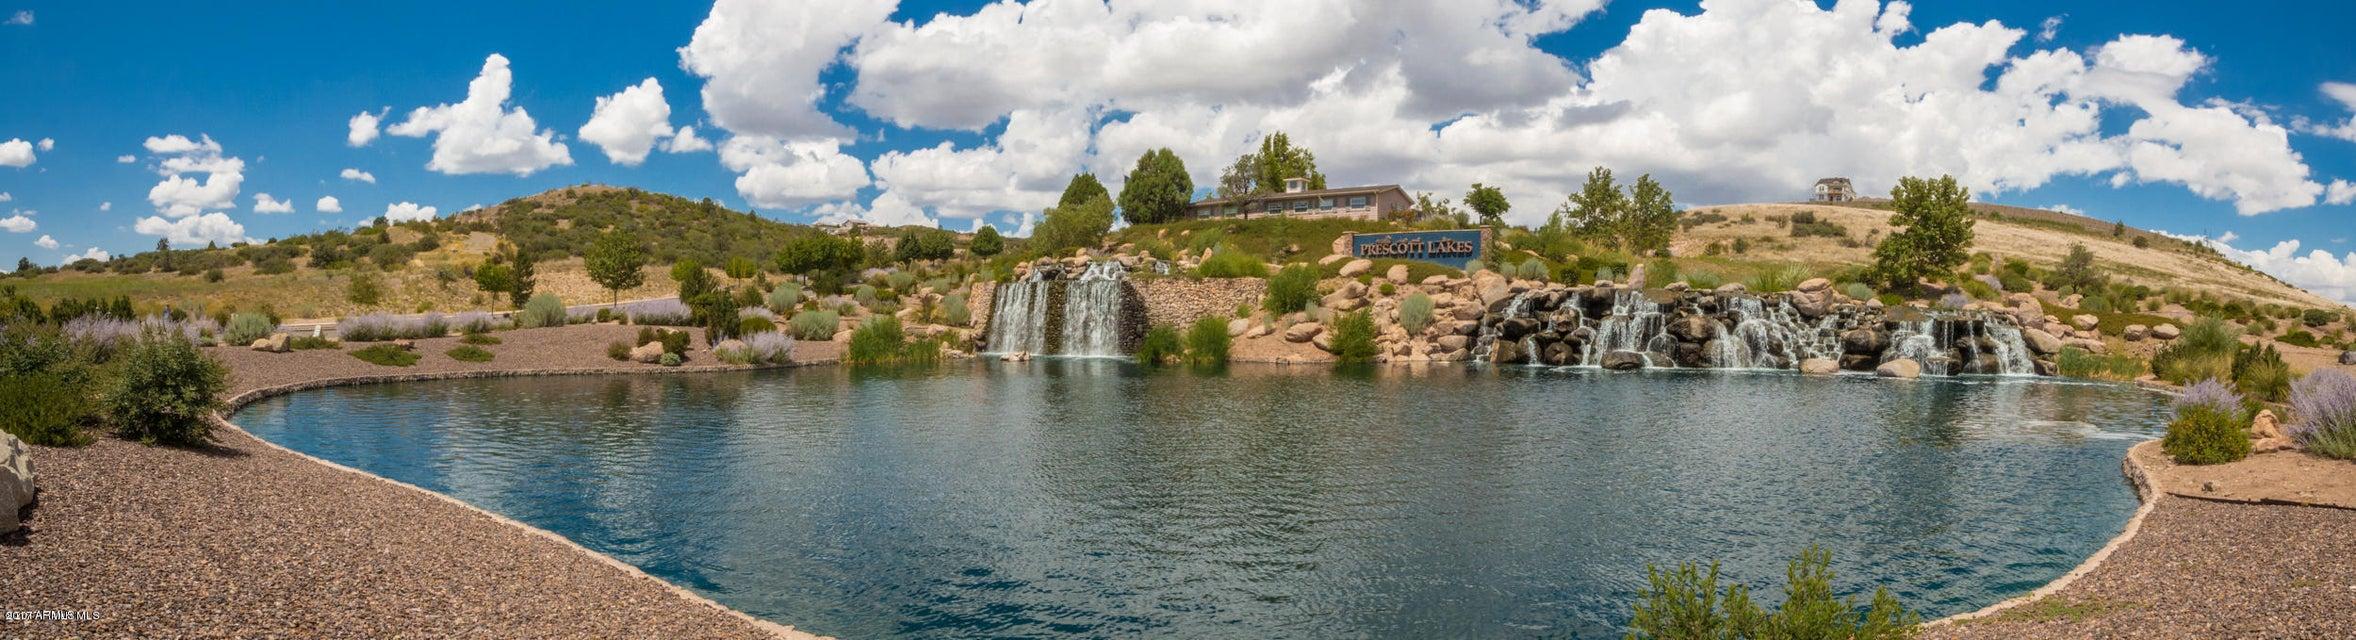 MLS 5594552 737 KALIMERA Circle, Prescott, AZ Prescott AZ Golf